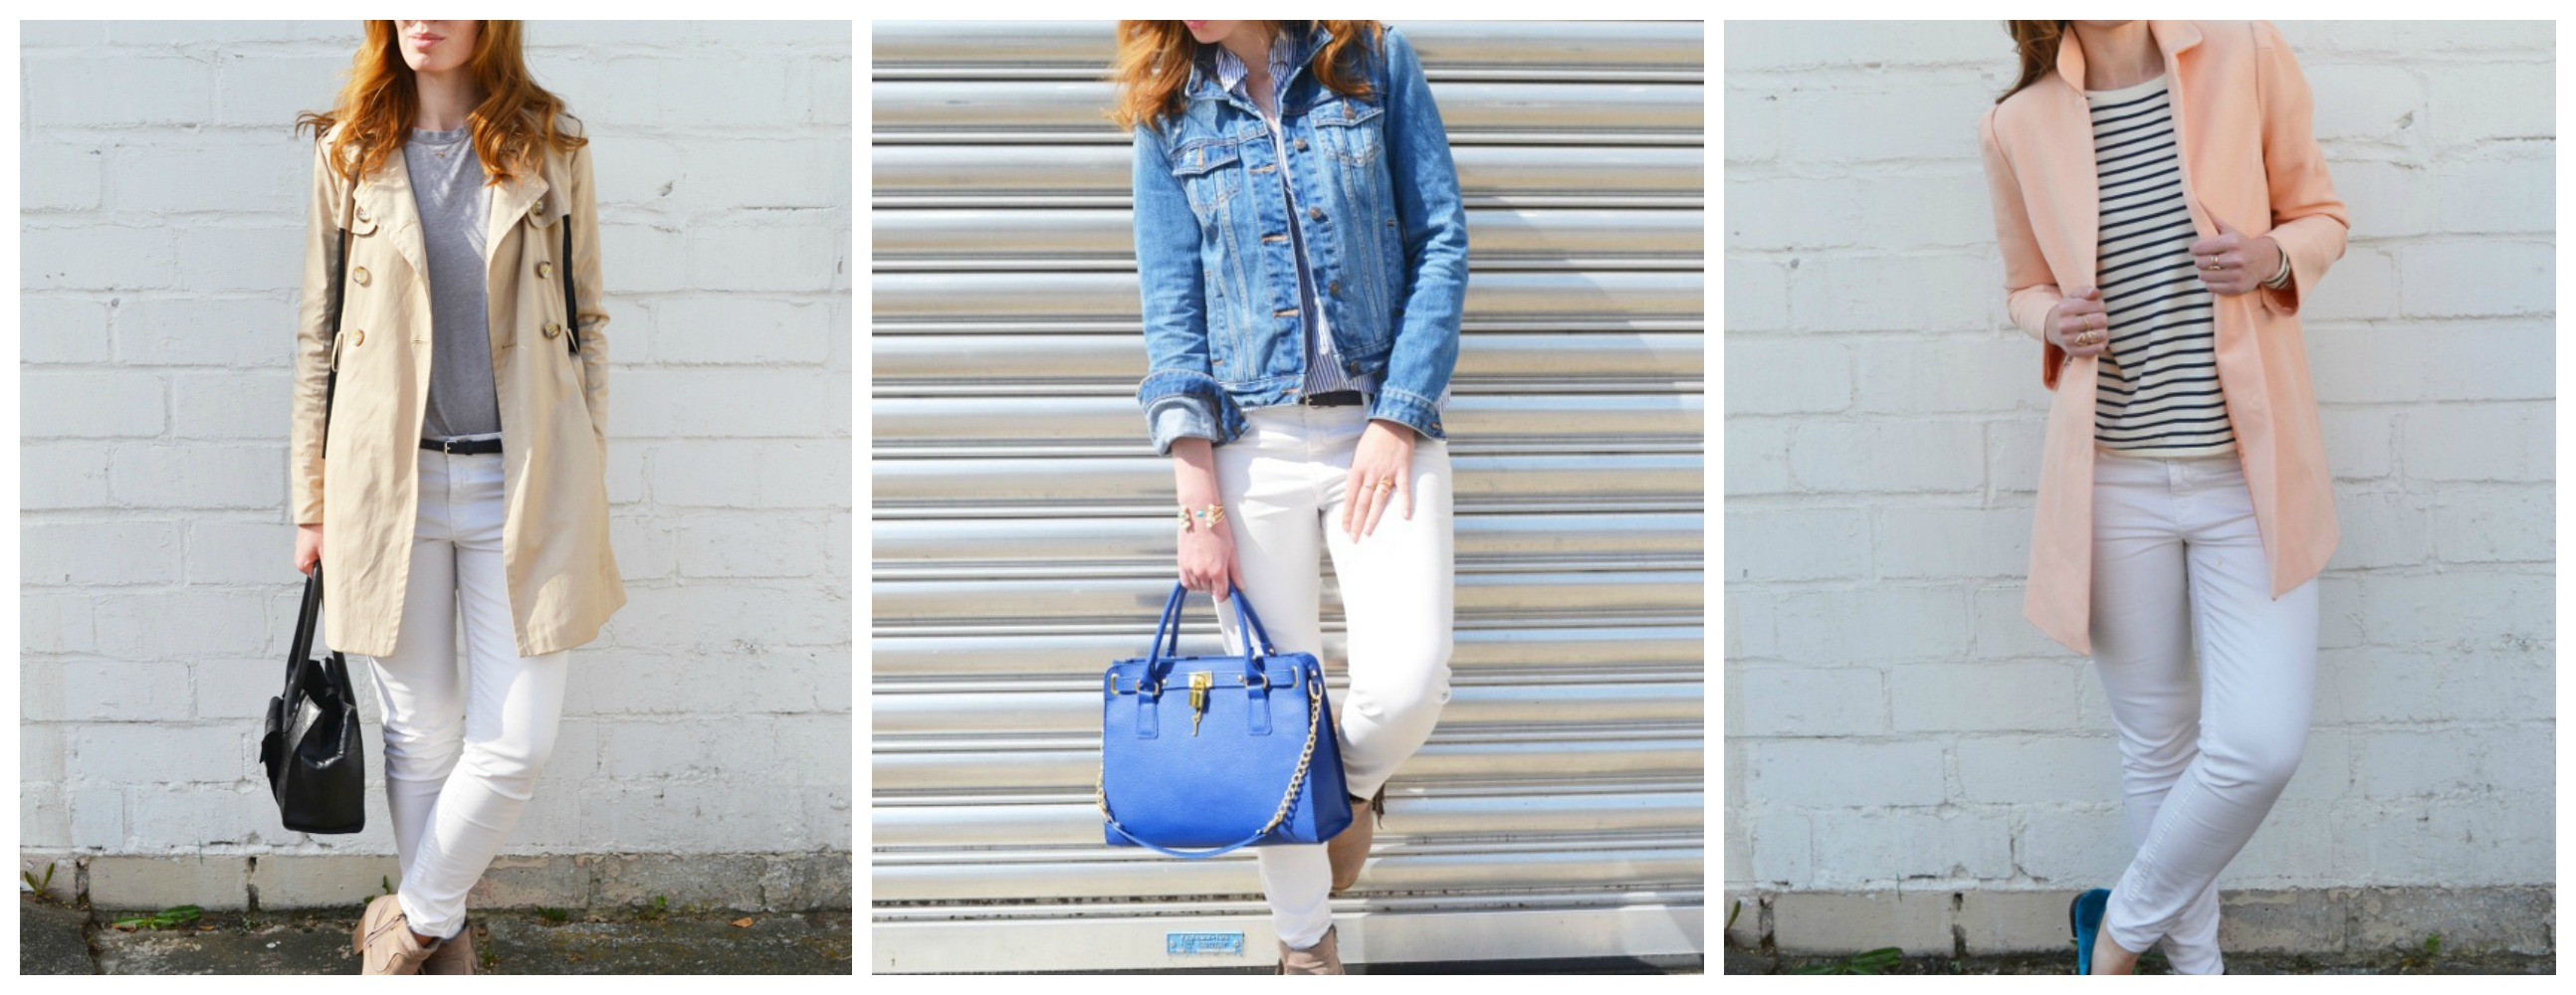 Welche Farben Passen Zu Einer Rosa Hose : Welche farbe passt zu grau?die besten kombinationen